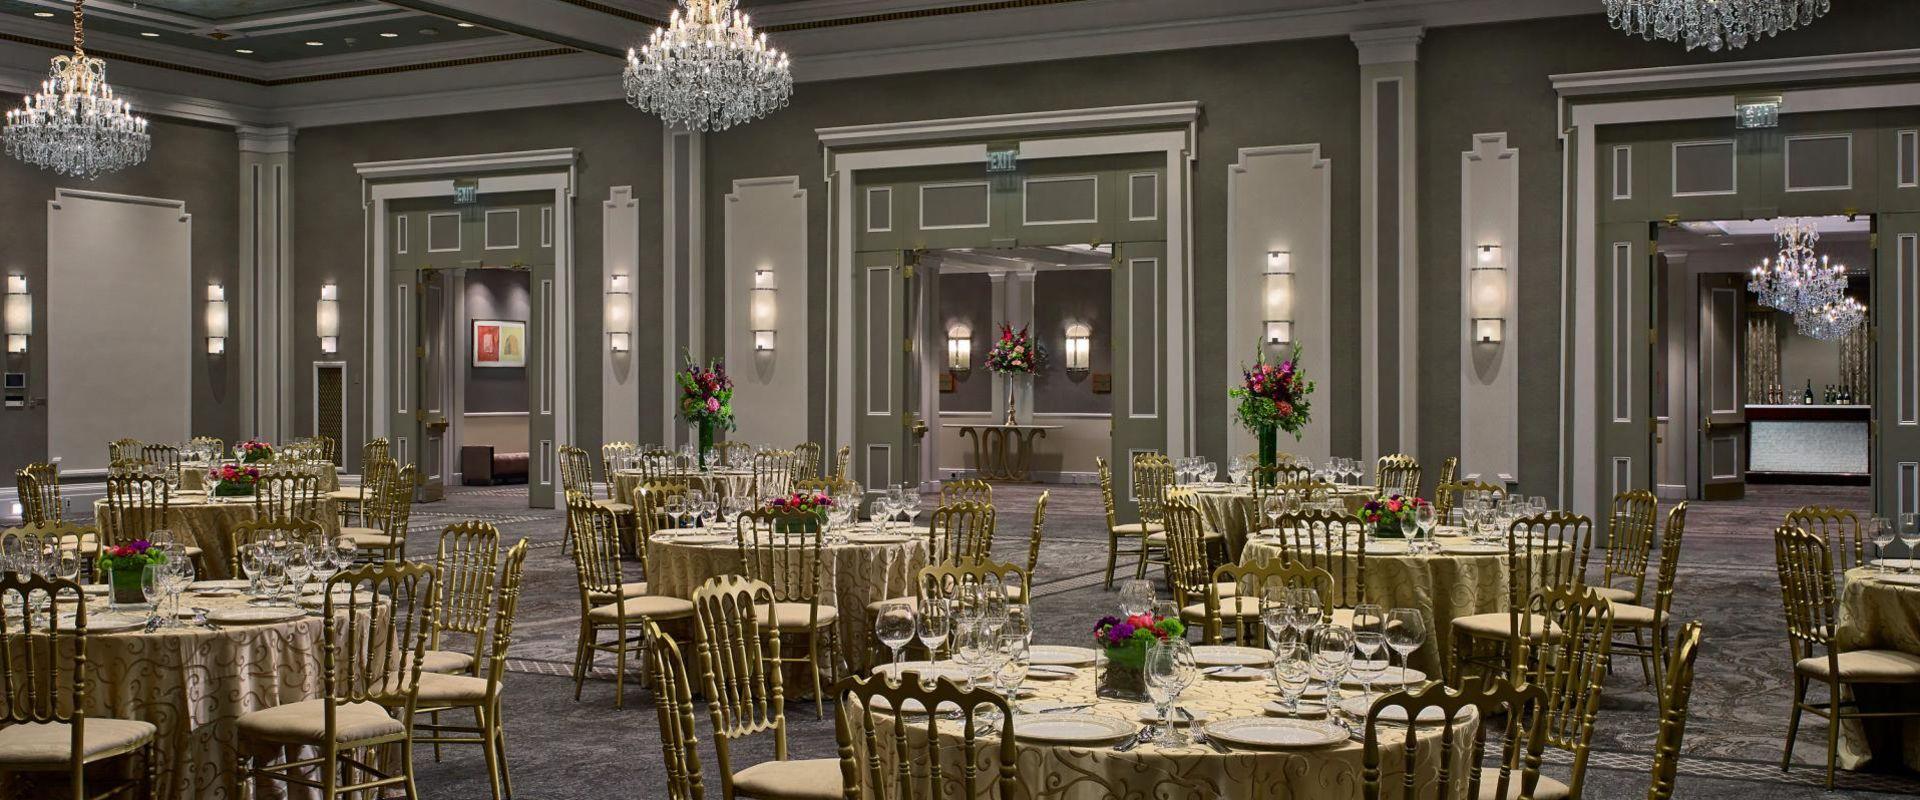 RSNO Grand Ballroom reception